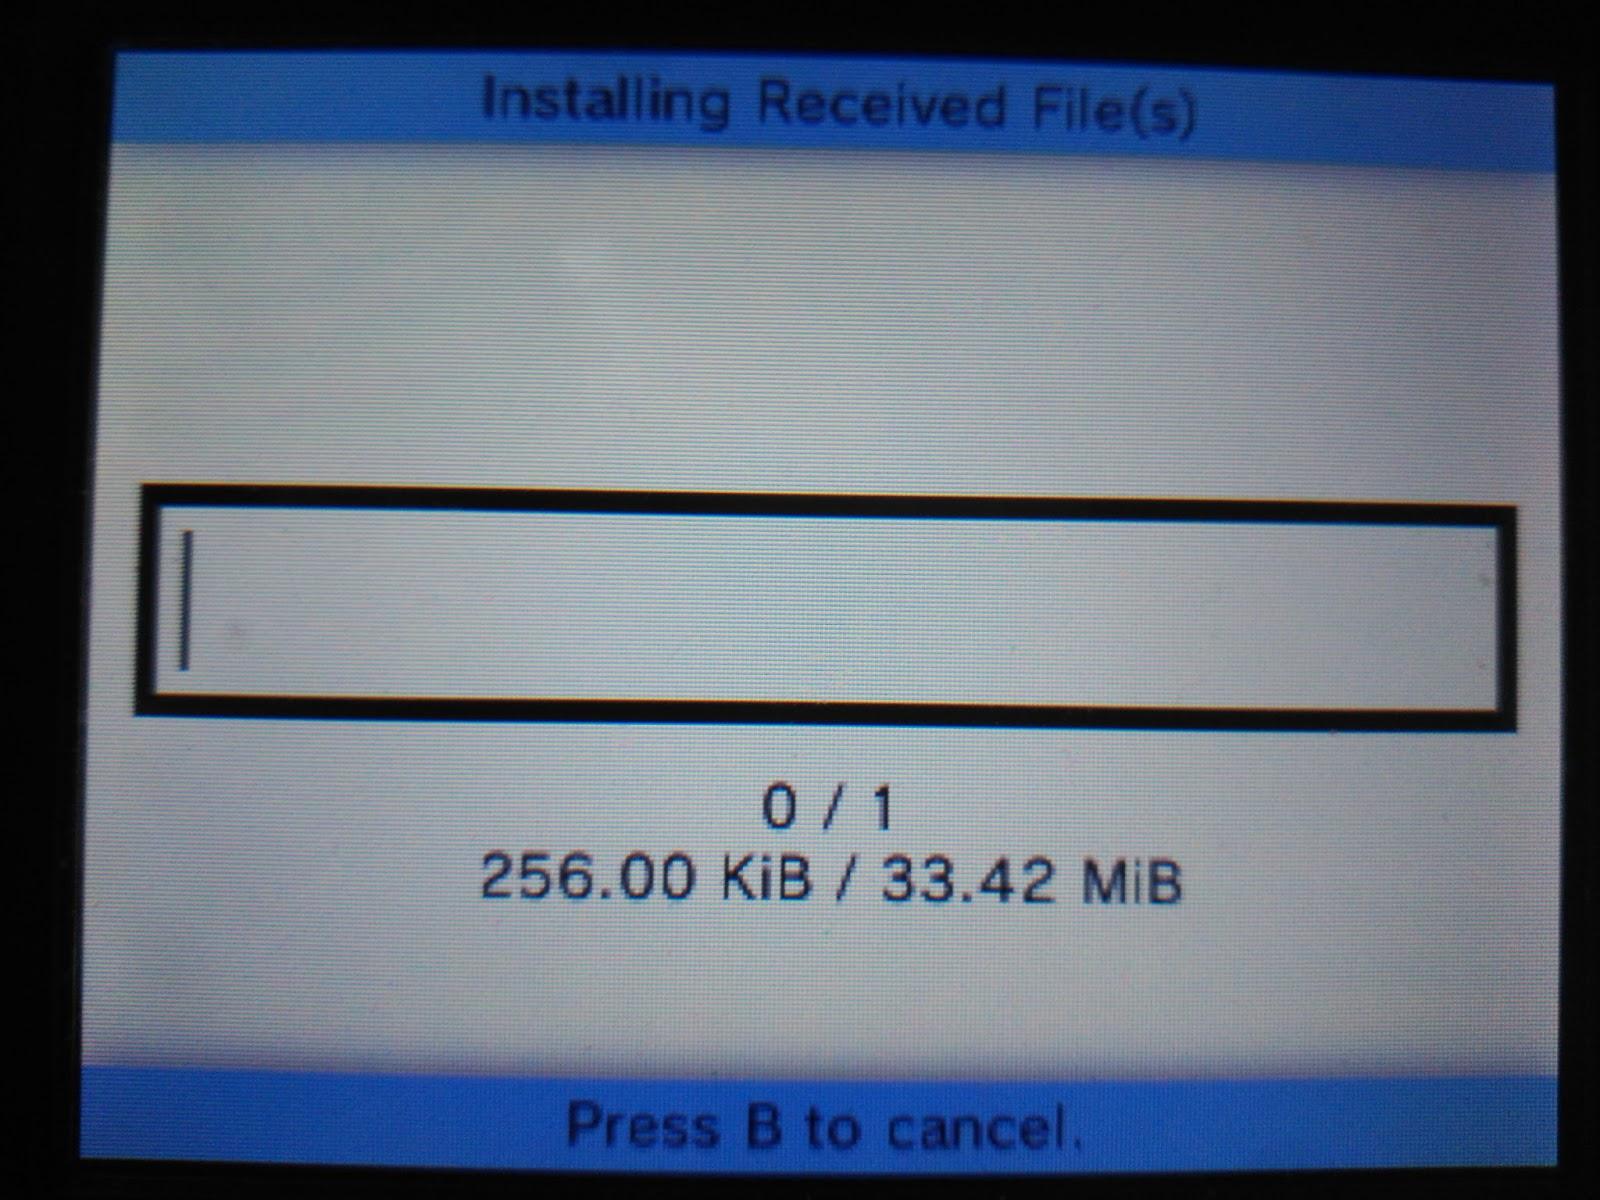 Todo para 3DS: SOCKETPUNCH: COMO INSTALAR ARCHIVOS  CIA VIA WIFI